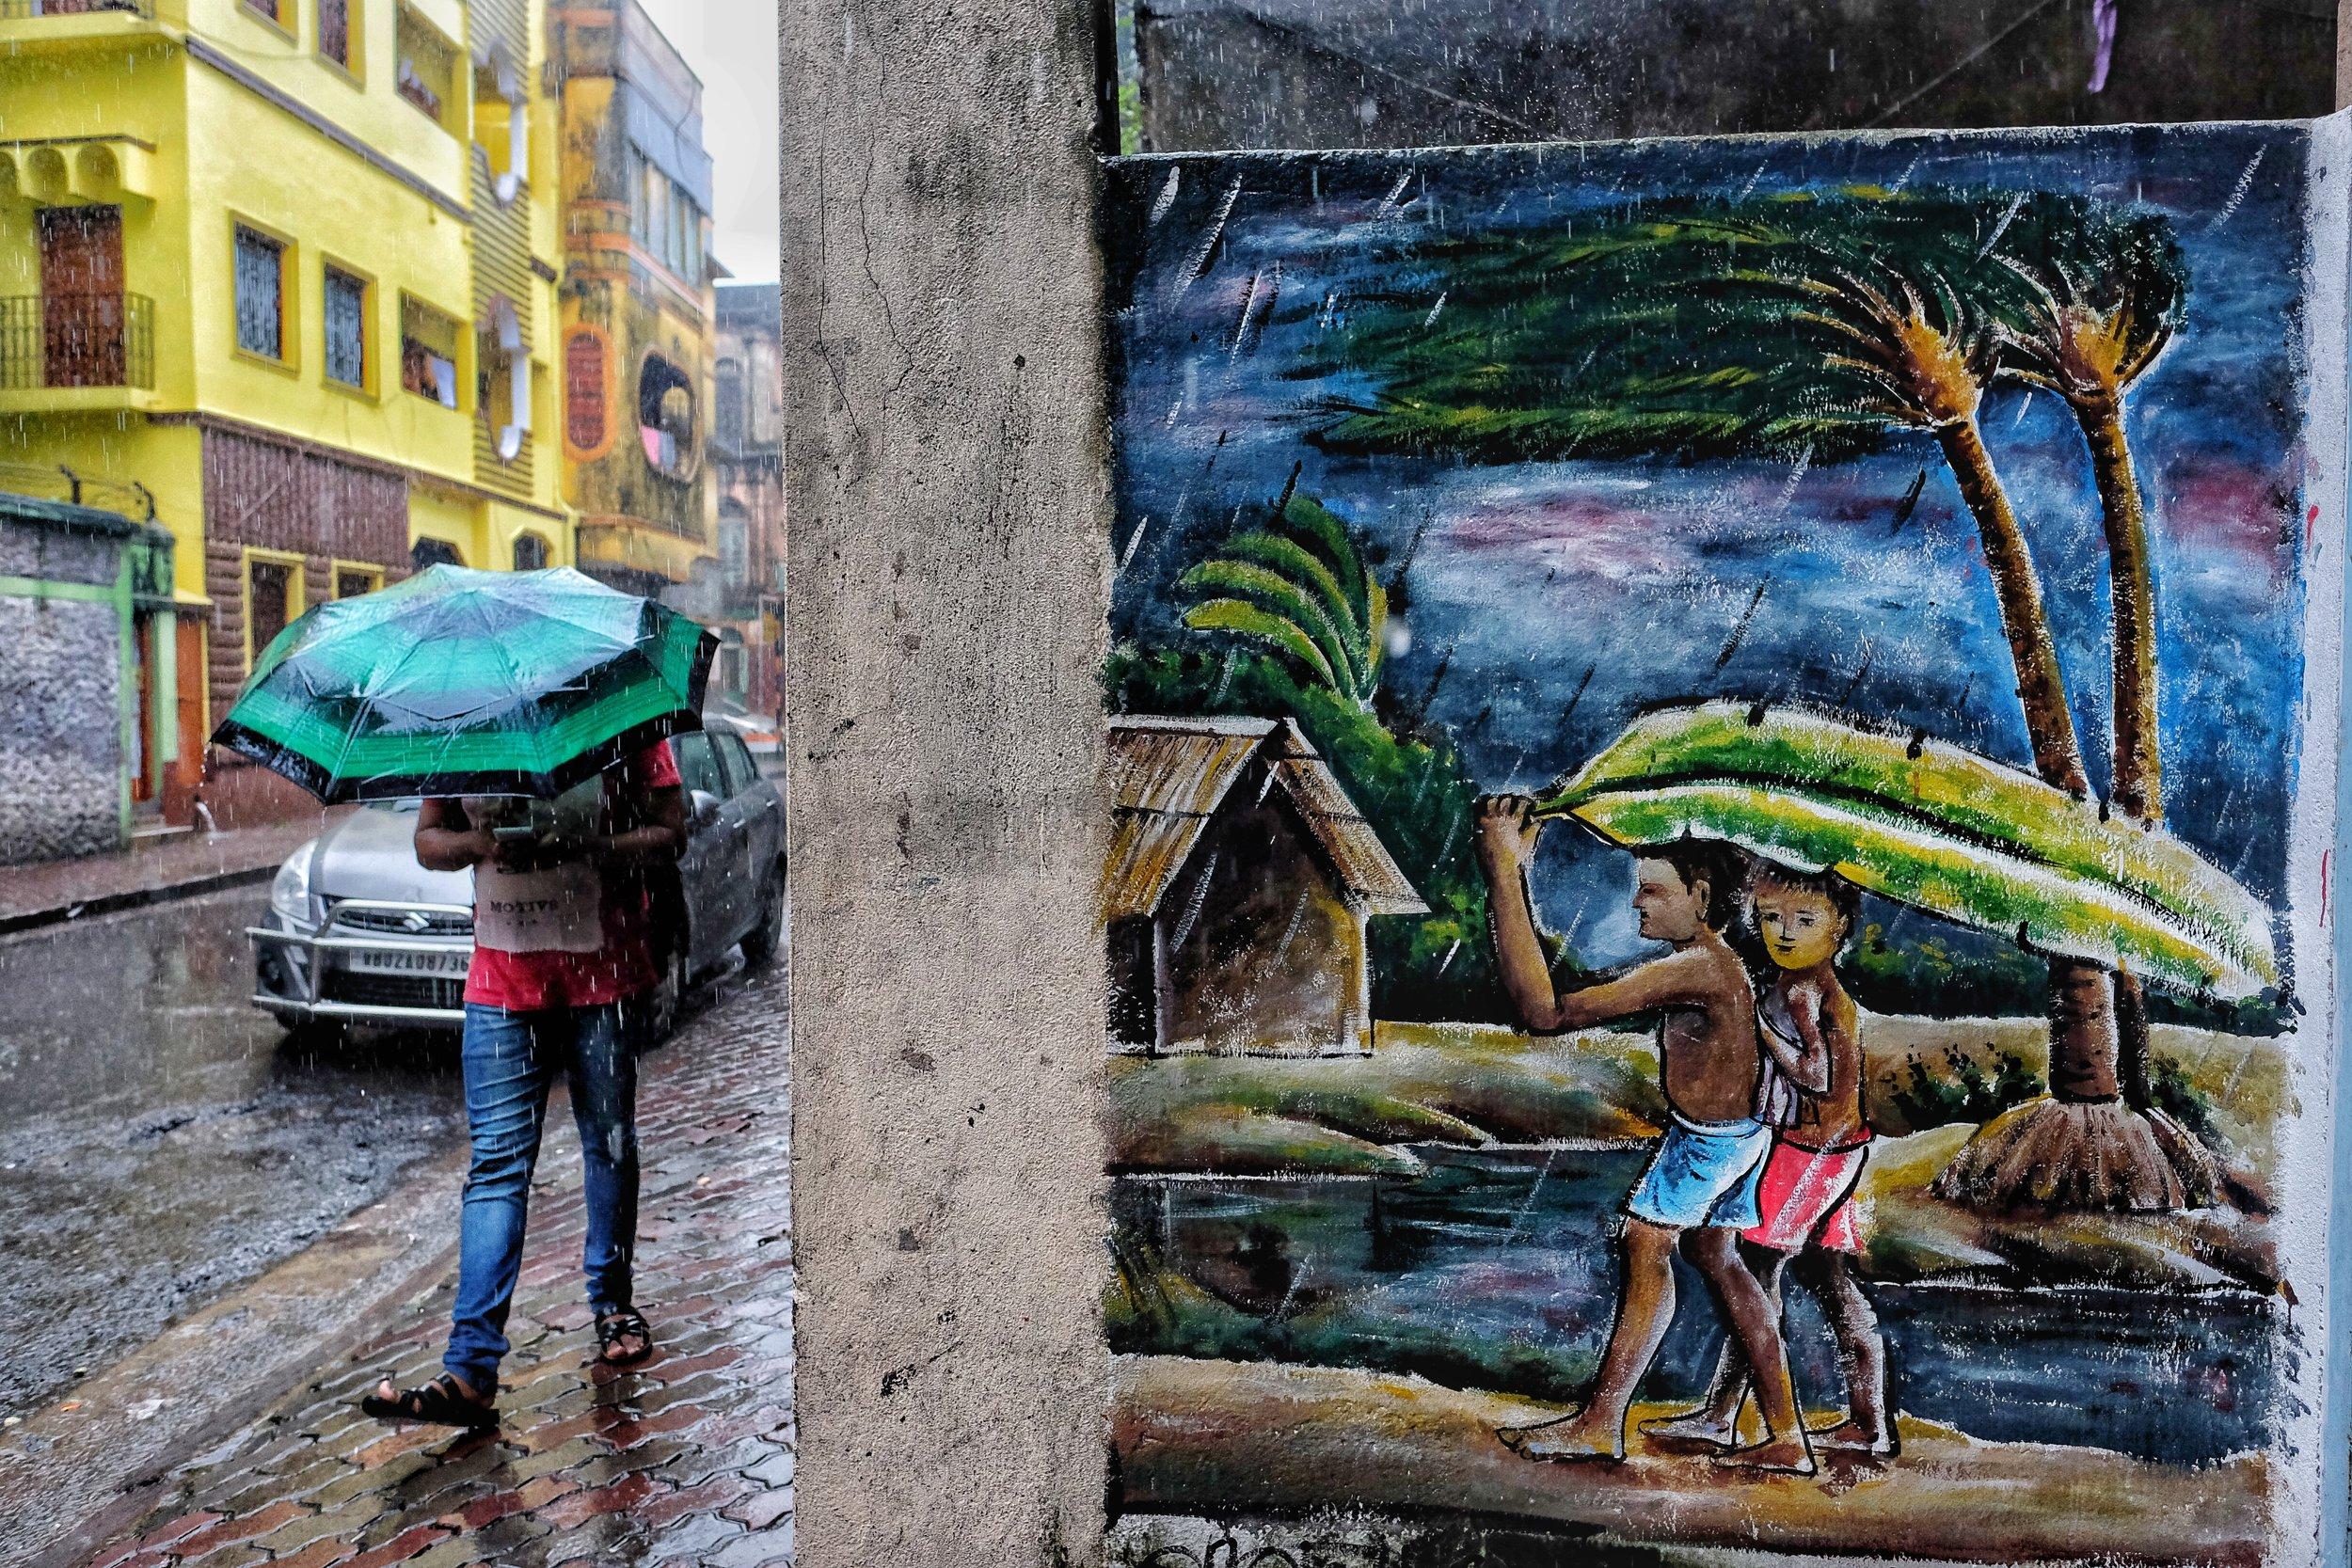 When it rains, rghosh - 02.jpeg